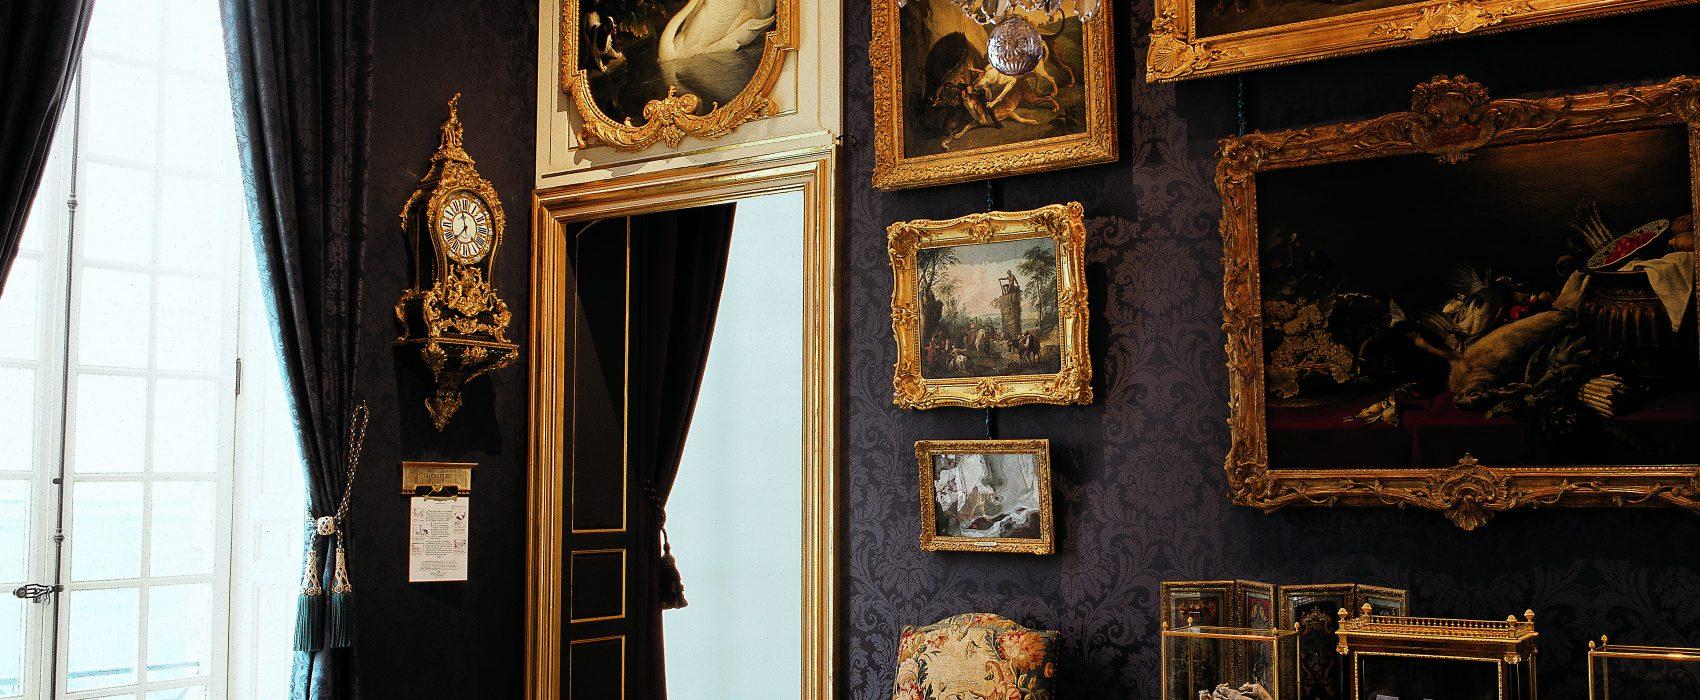 p23_Musée de la Chasse-squashed